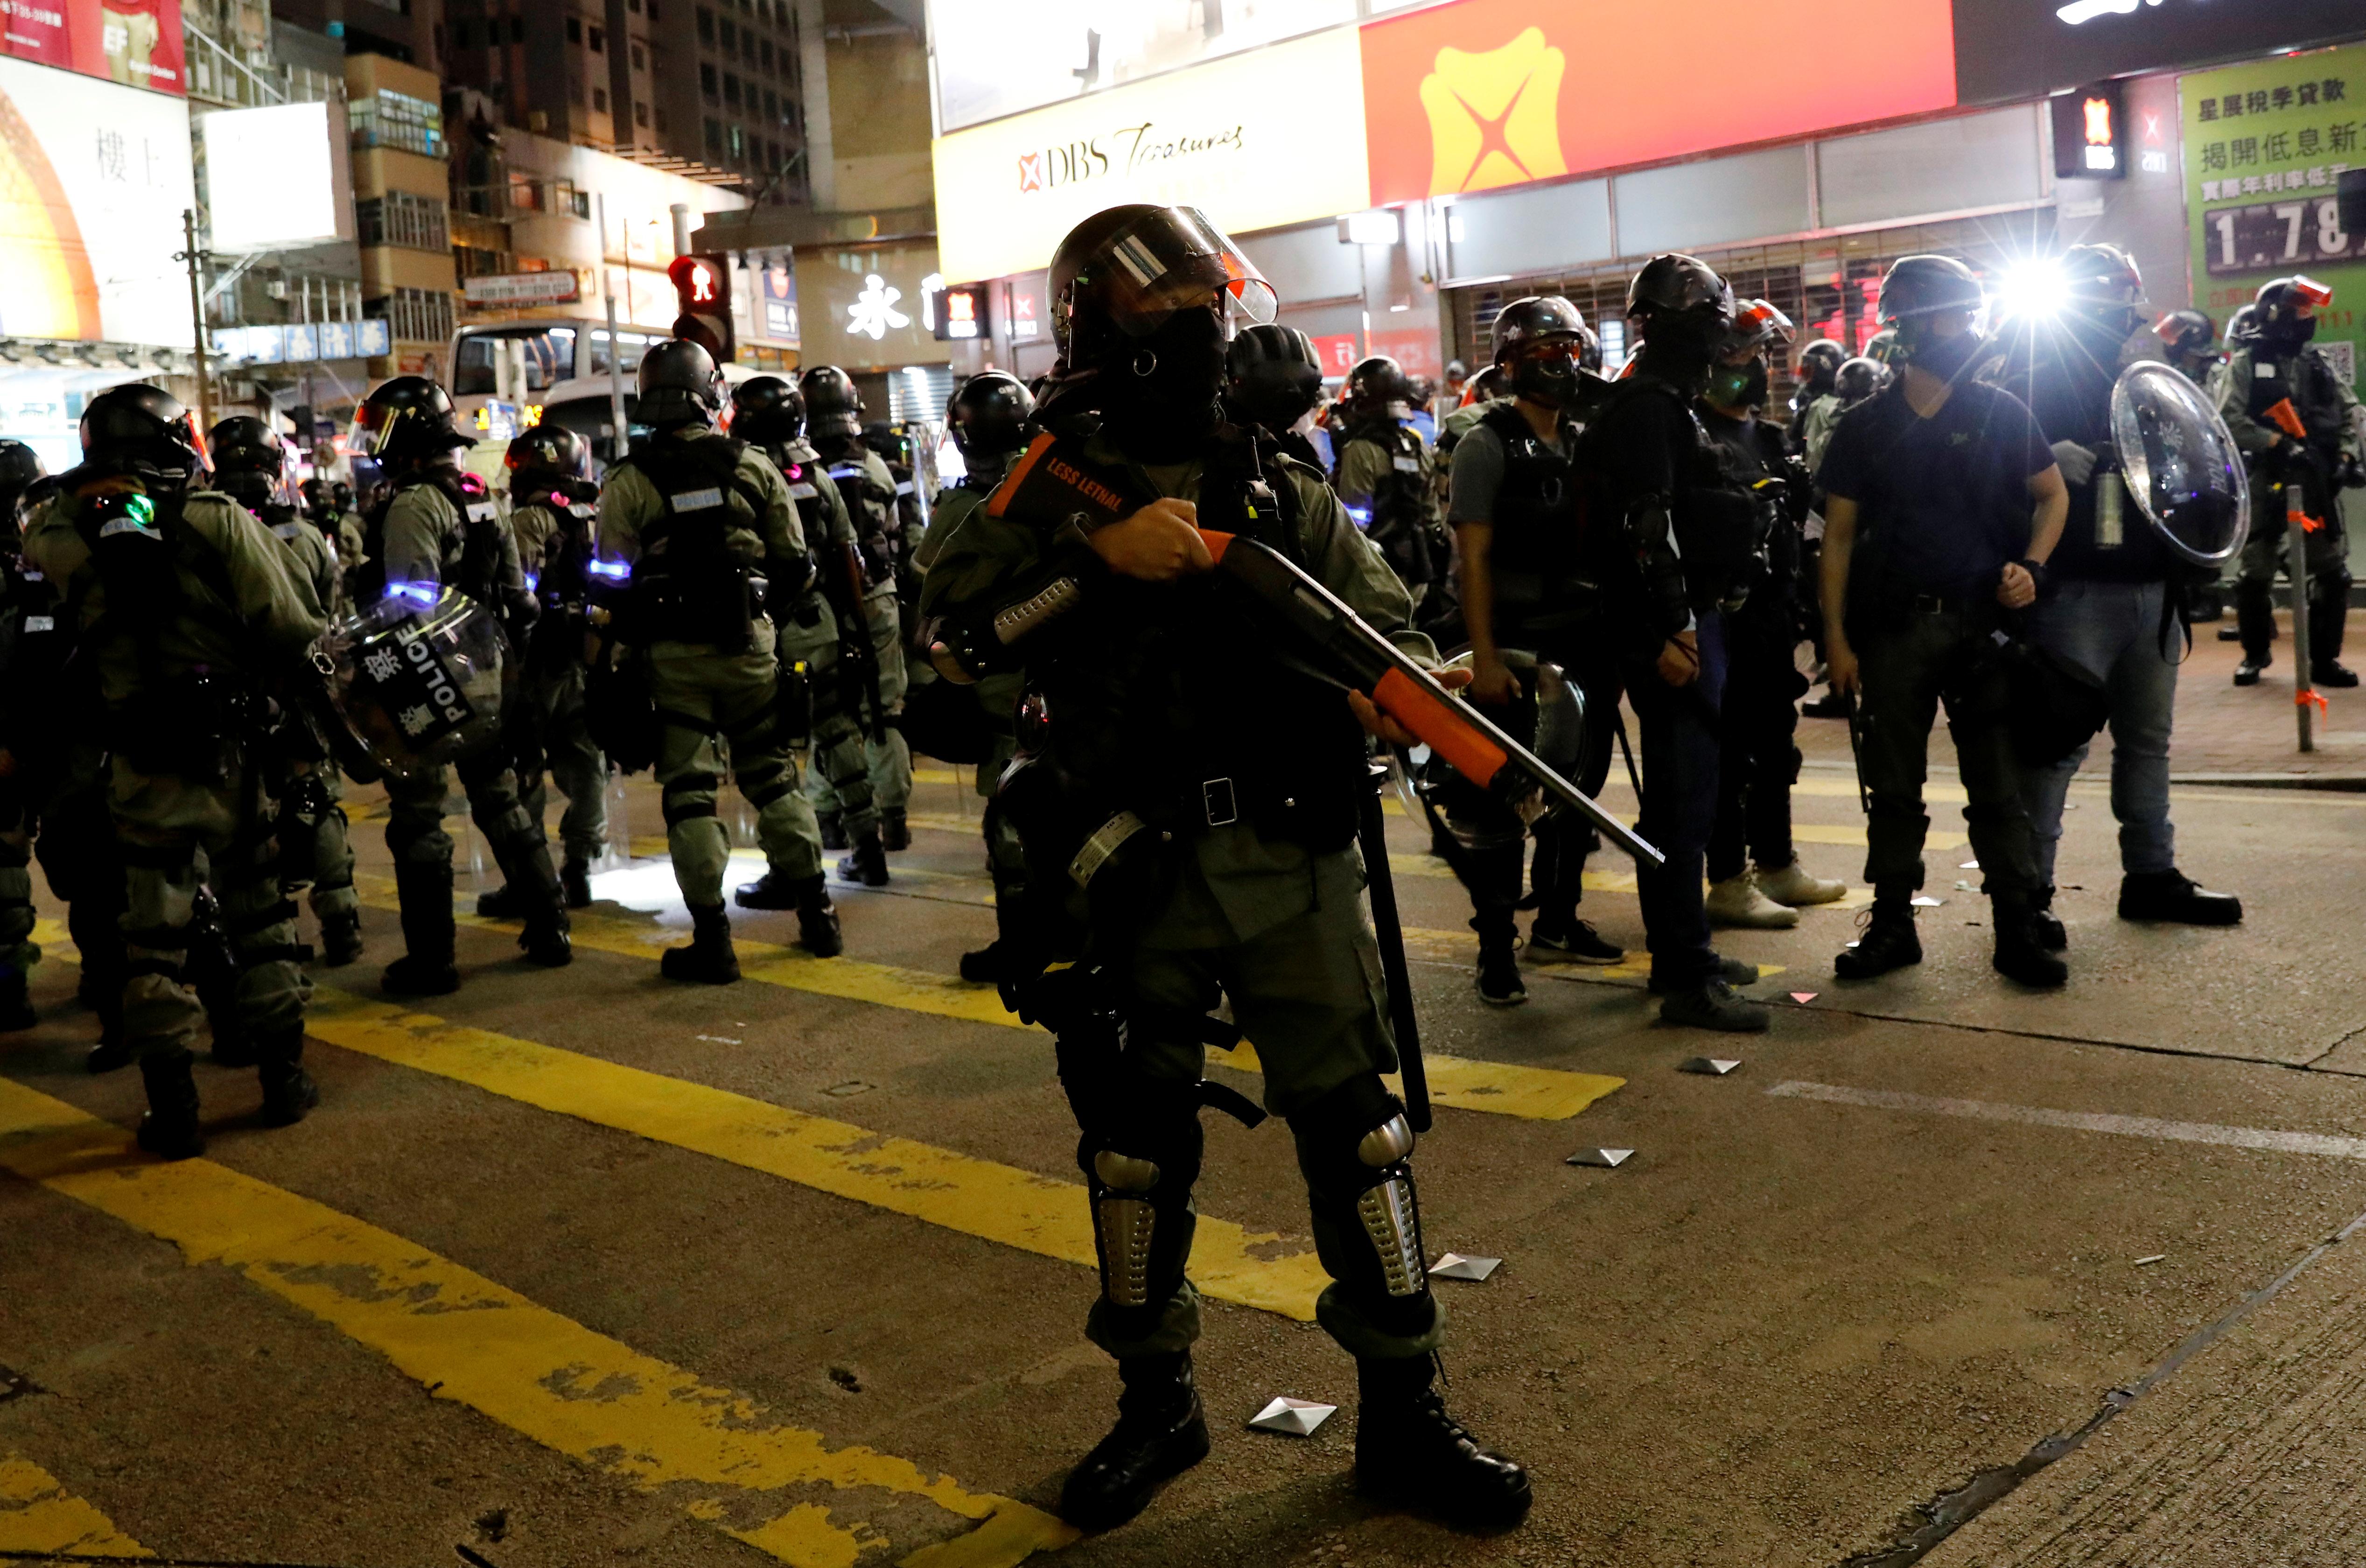 Manifestations à Hong Kong : les médias chinois exigent plus de fermeté de la part de Pékin